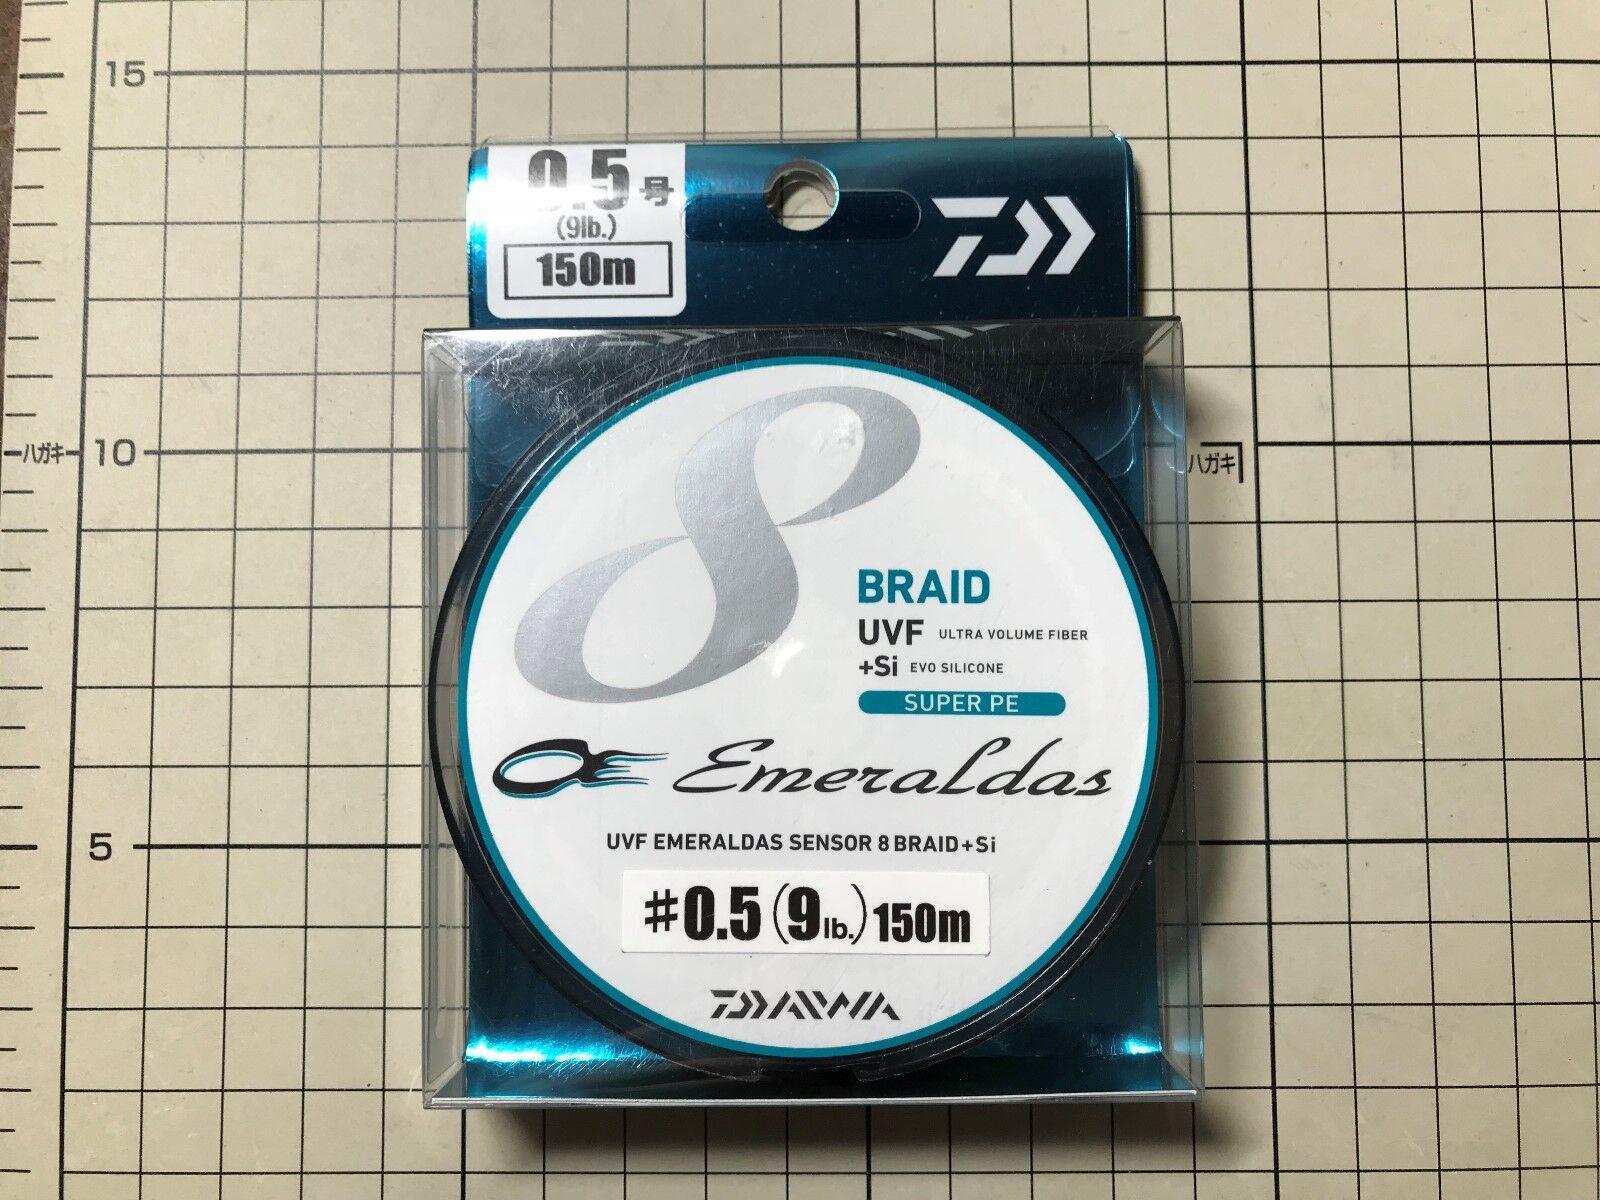 Daiwa Emeraldas Sensor 8 Braid UVF Si+ Super PE line (9lb) 150m